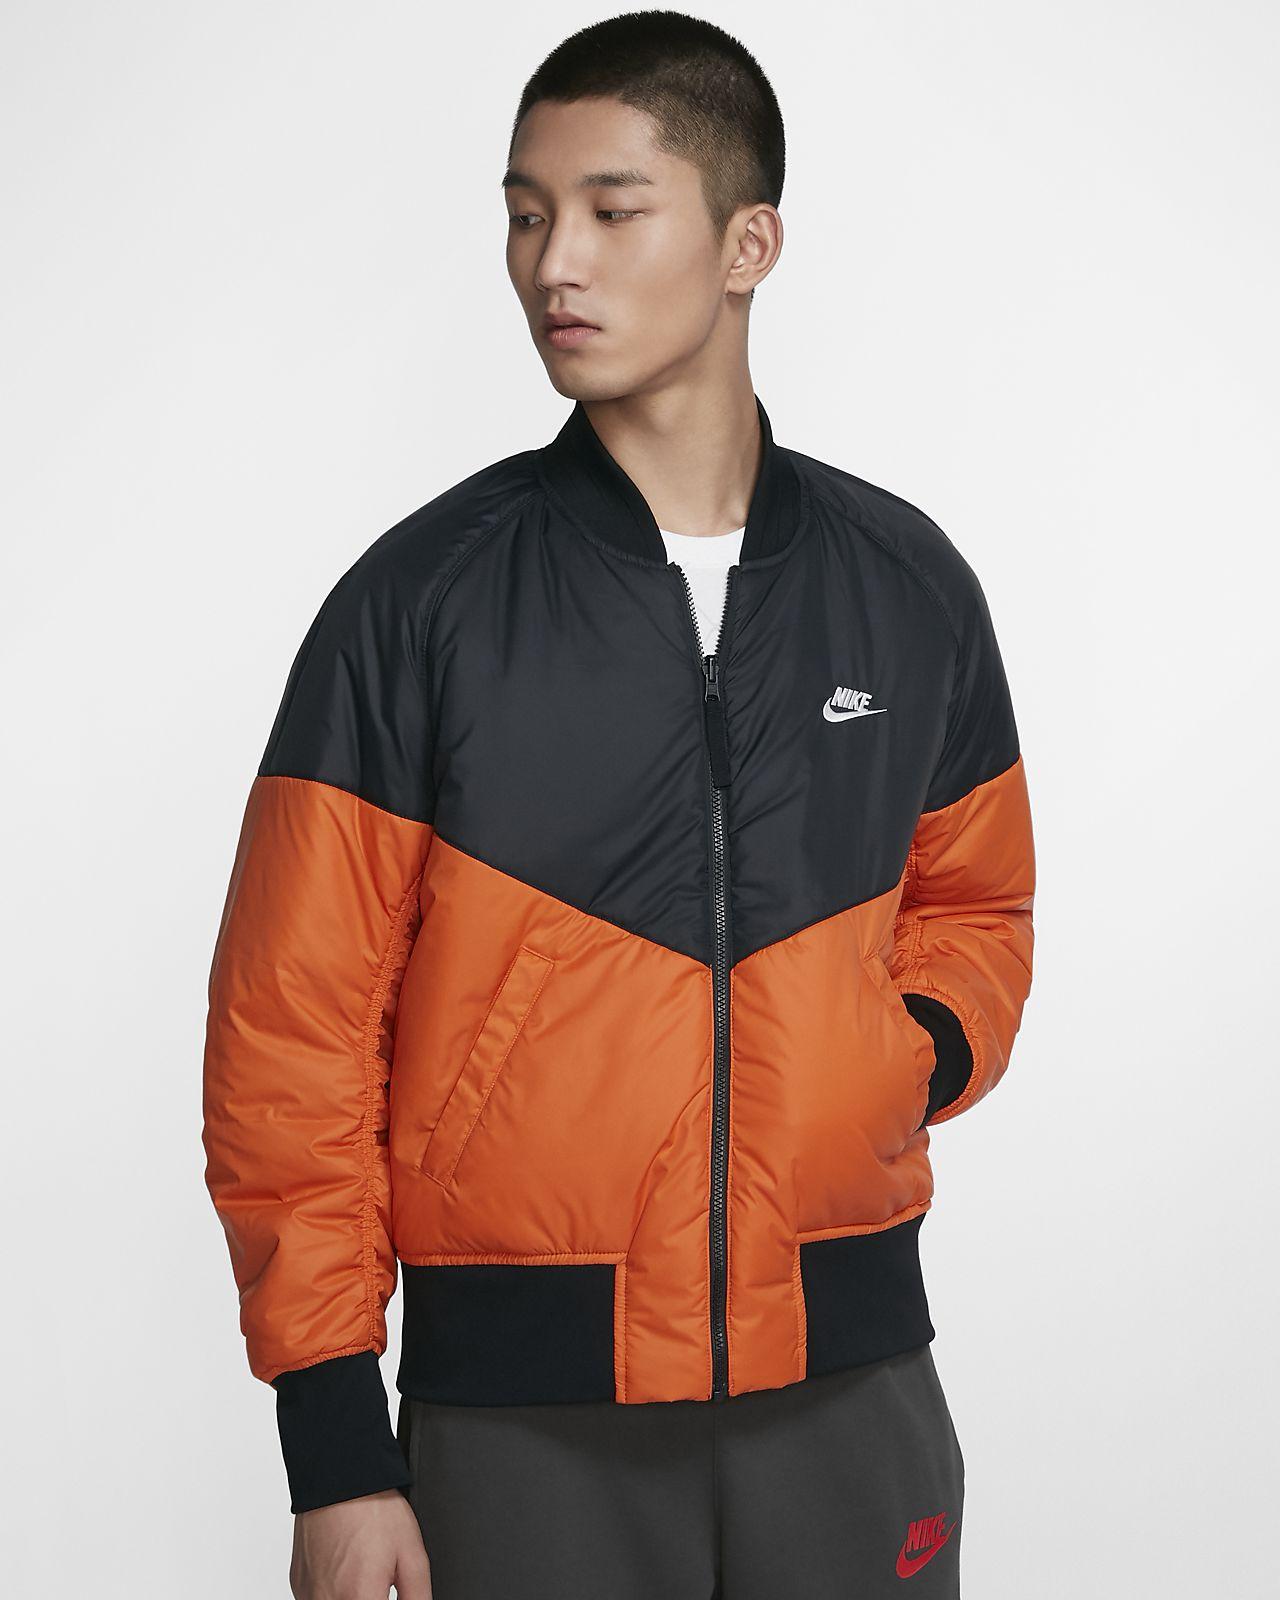 Nike Sportswear 男子双面穿夹克